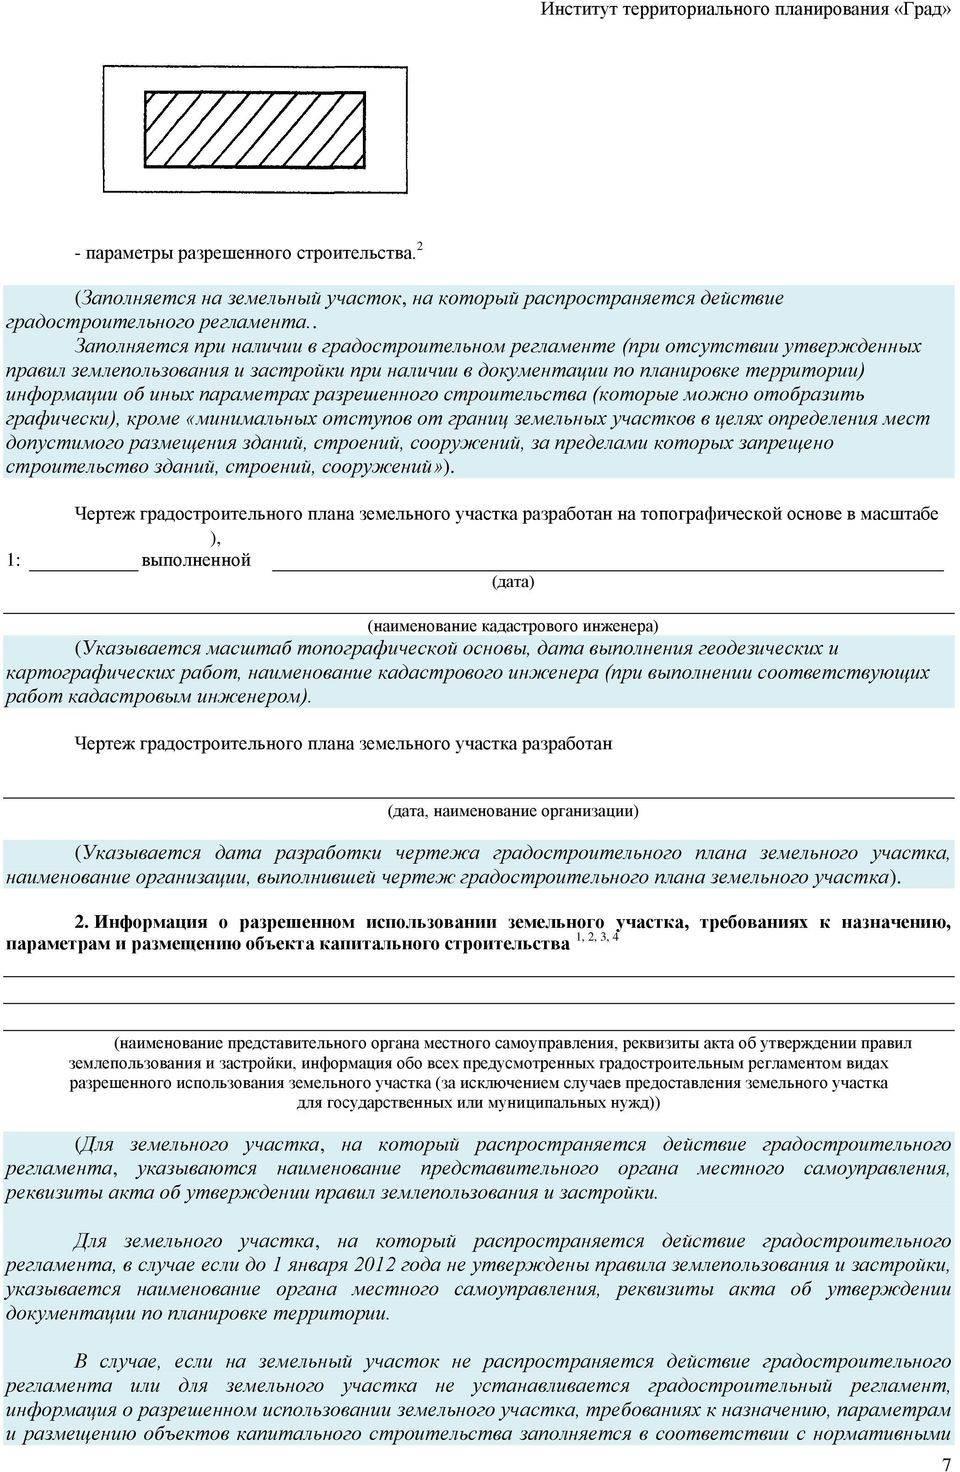 Масштабы топографических планов земельных участков: назначение и особенности применения